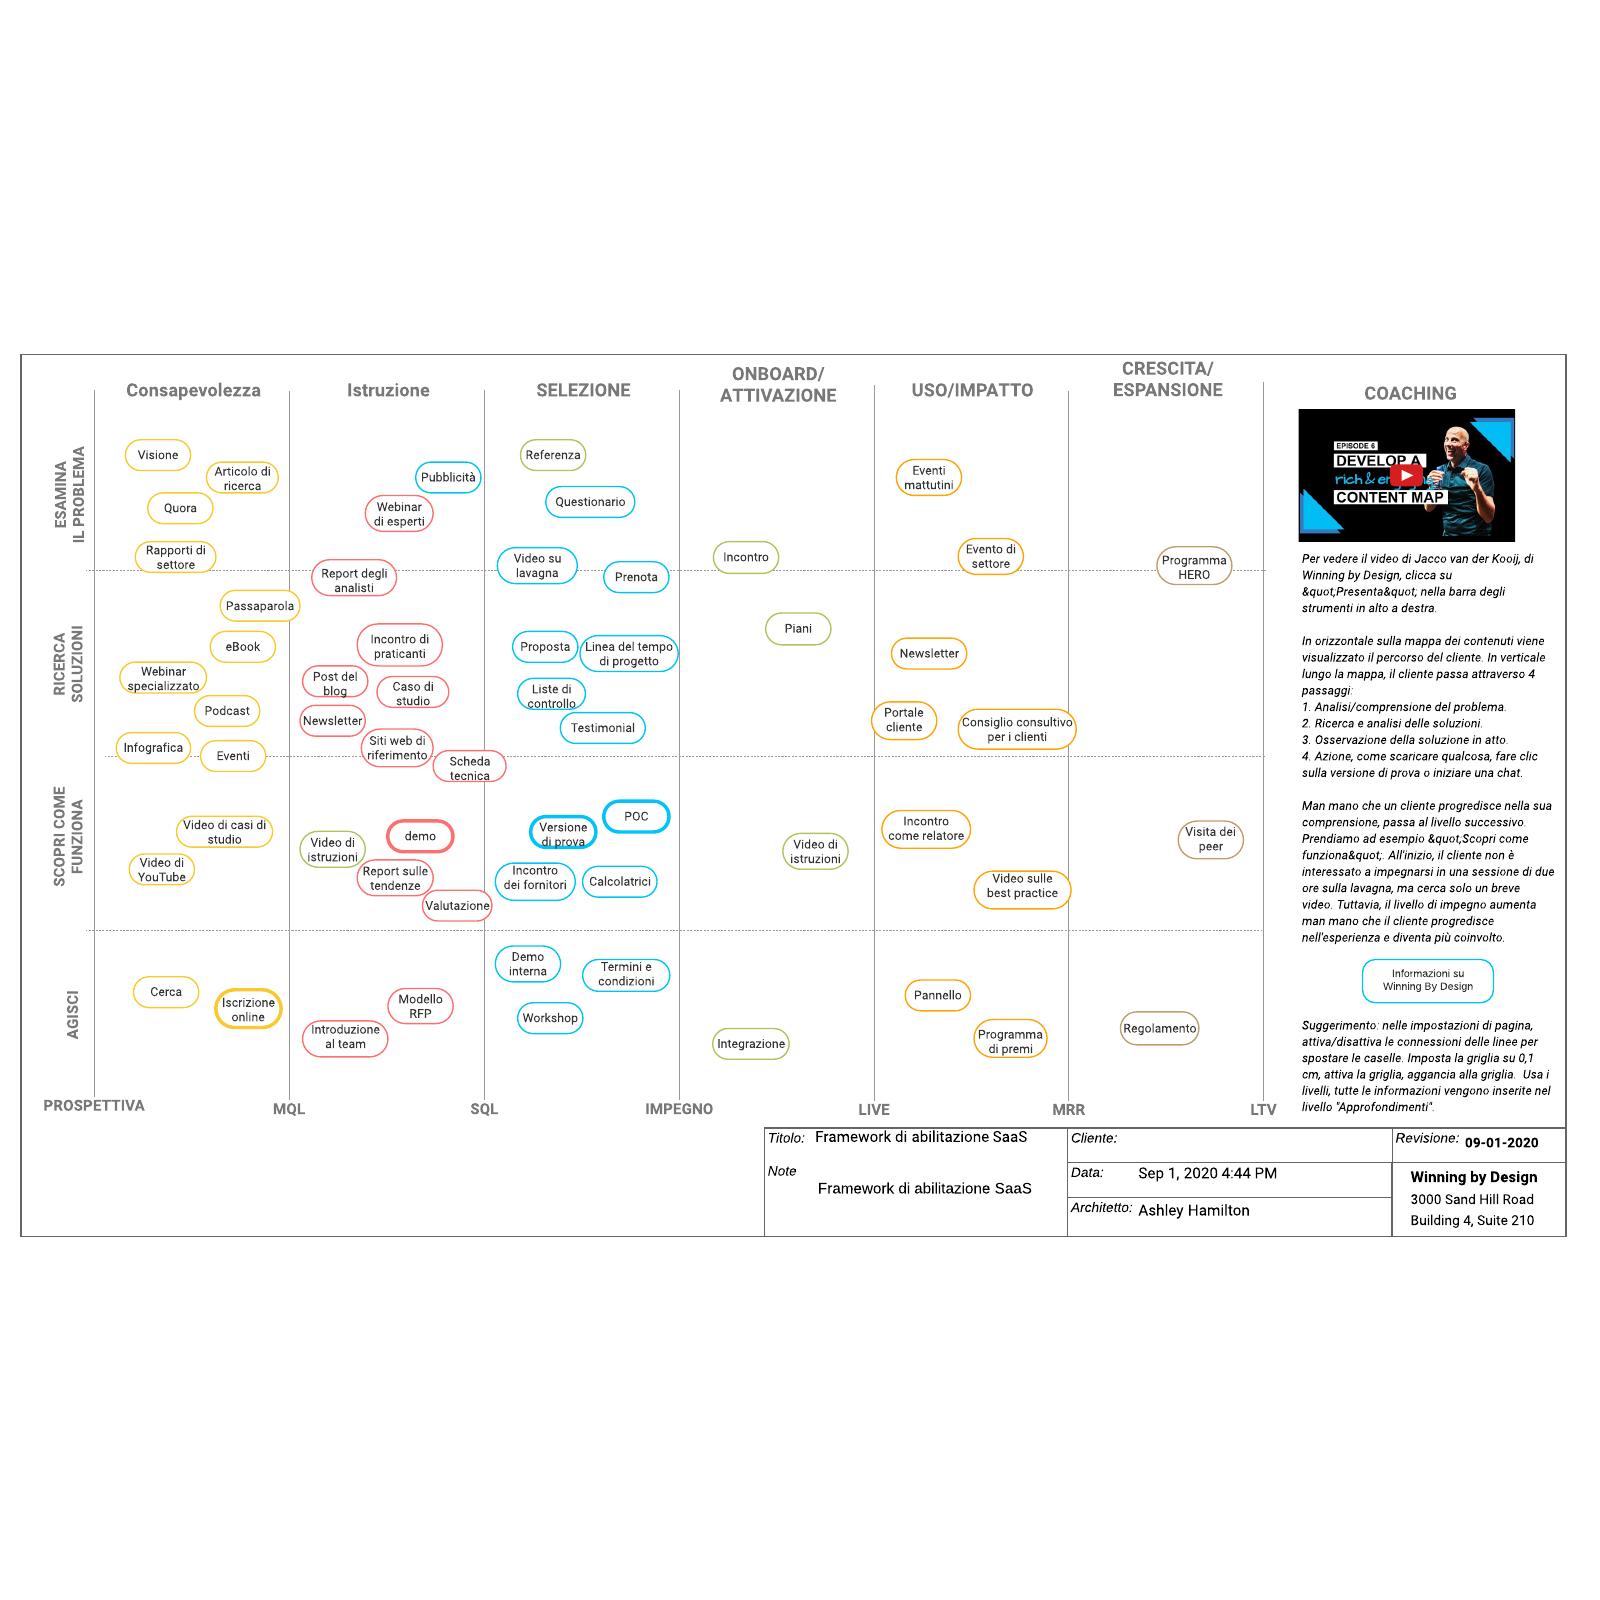 Framework di abilitazione SaaS